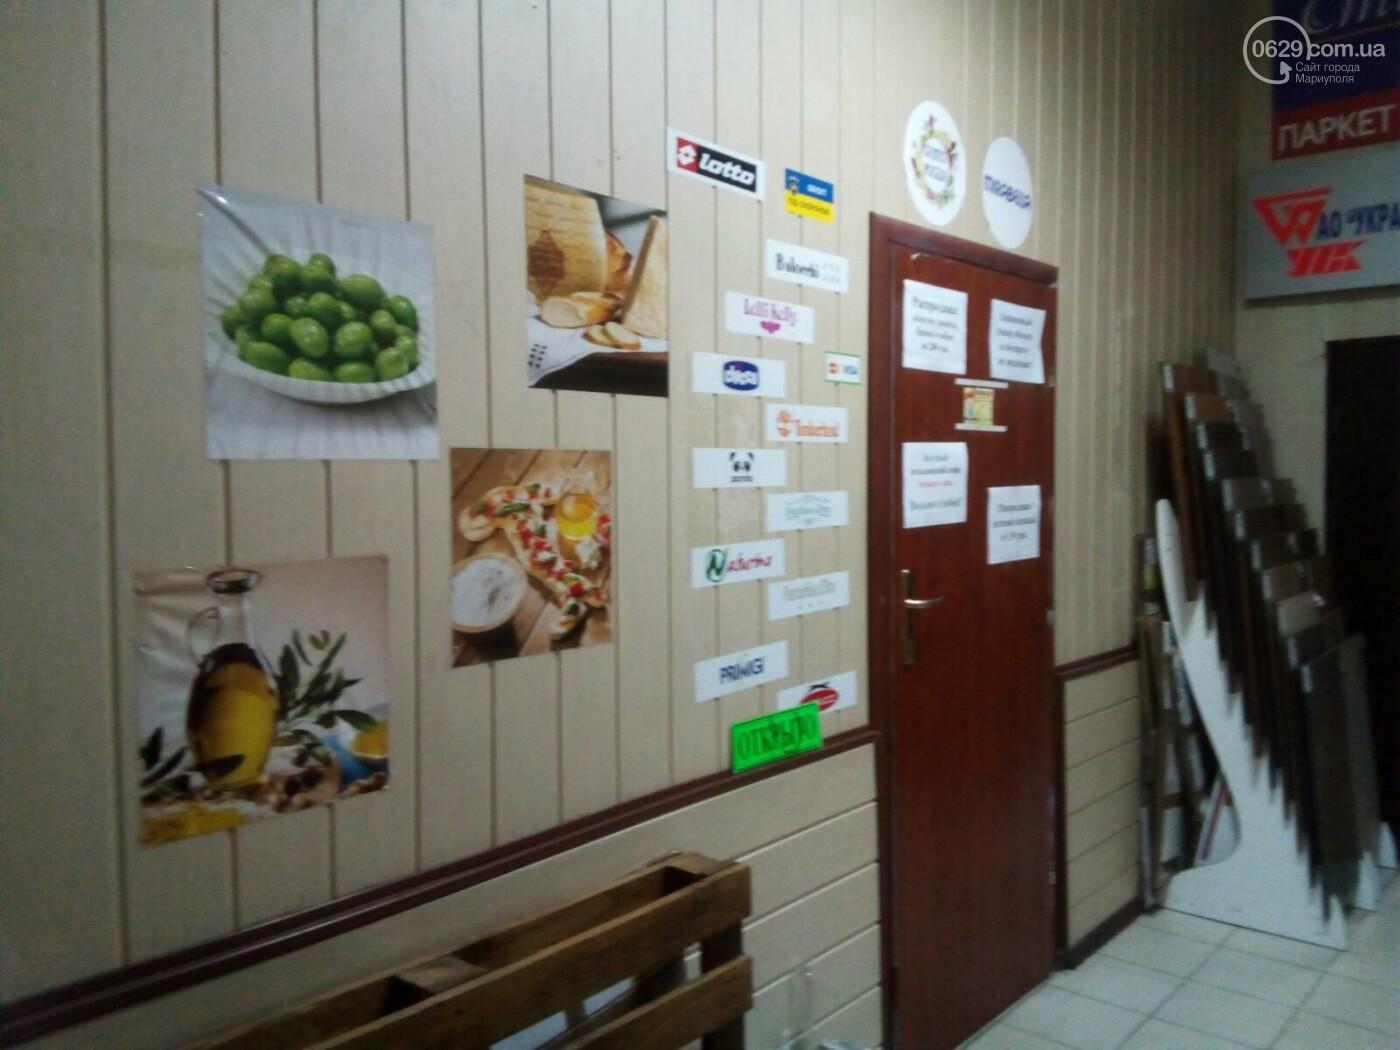 """Черная пятница в итальянском бутике """"Mirabella"""", фото-3"""